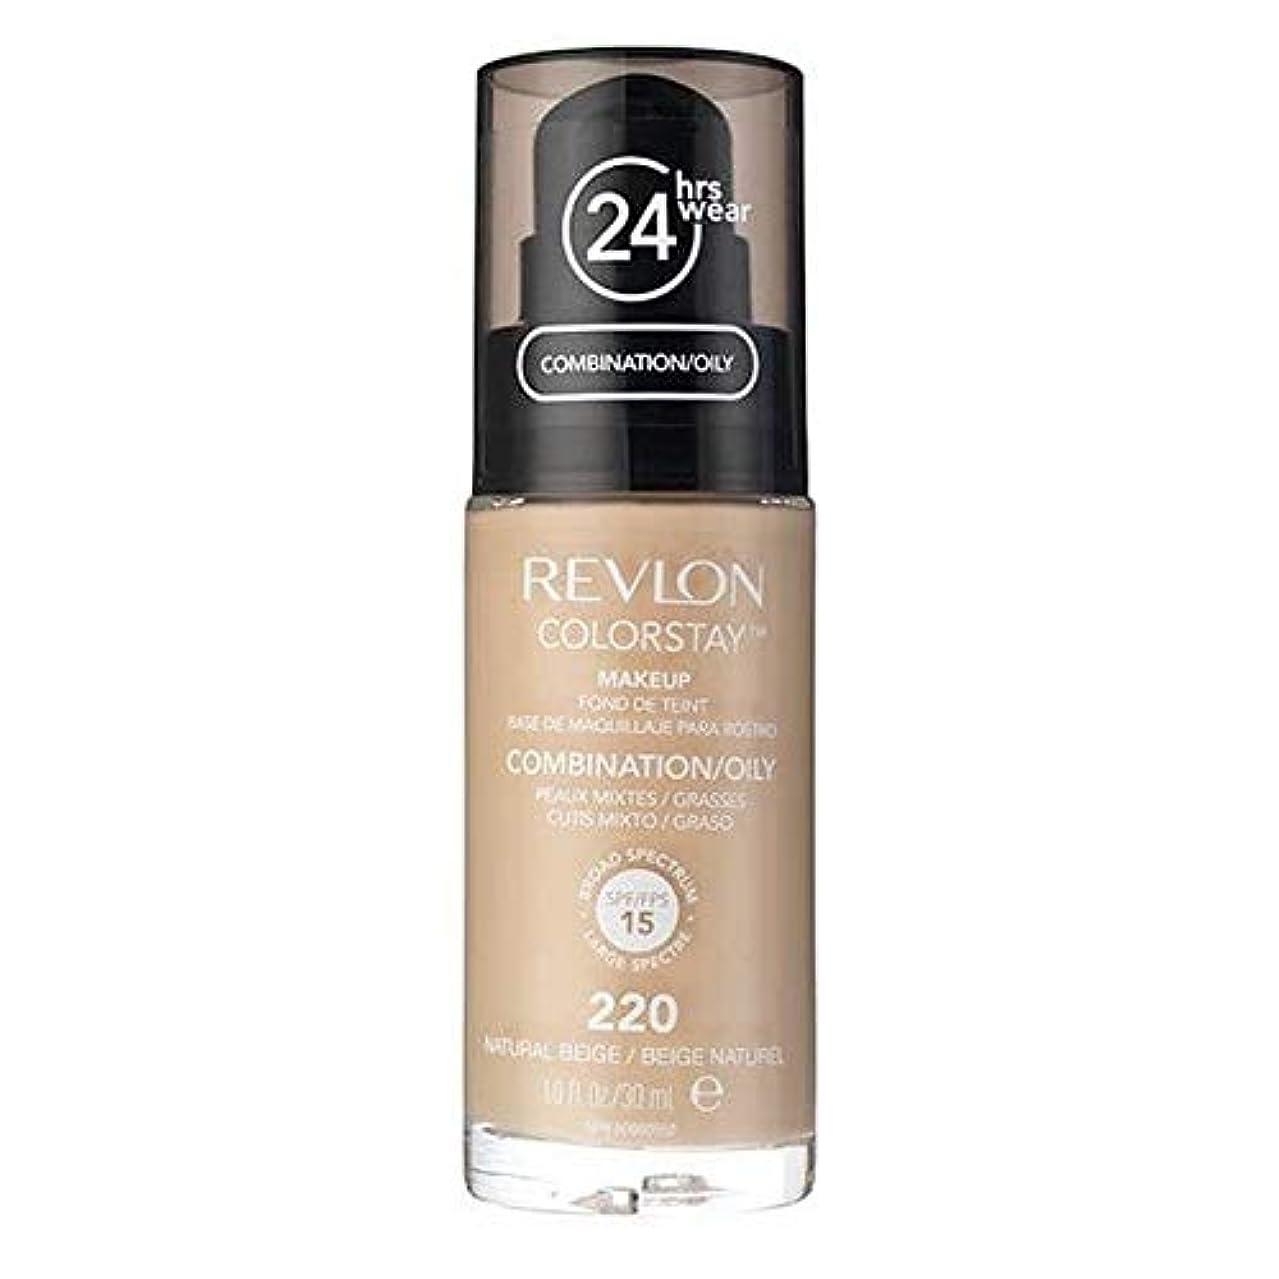 等々原子炉名誉[Revlon ] レブロンカラーステイ基盤コンビ/油性Natbeige 30ミリリットル - Revlon Color Stay Foundation Combi/Oily Natbeige 30ml [並行輸入品]